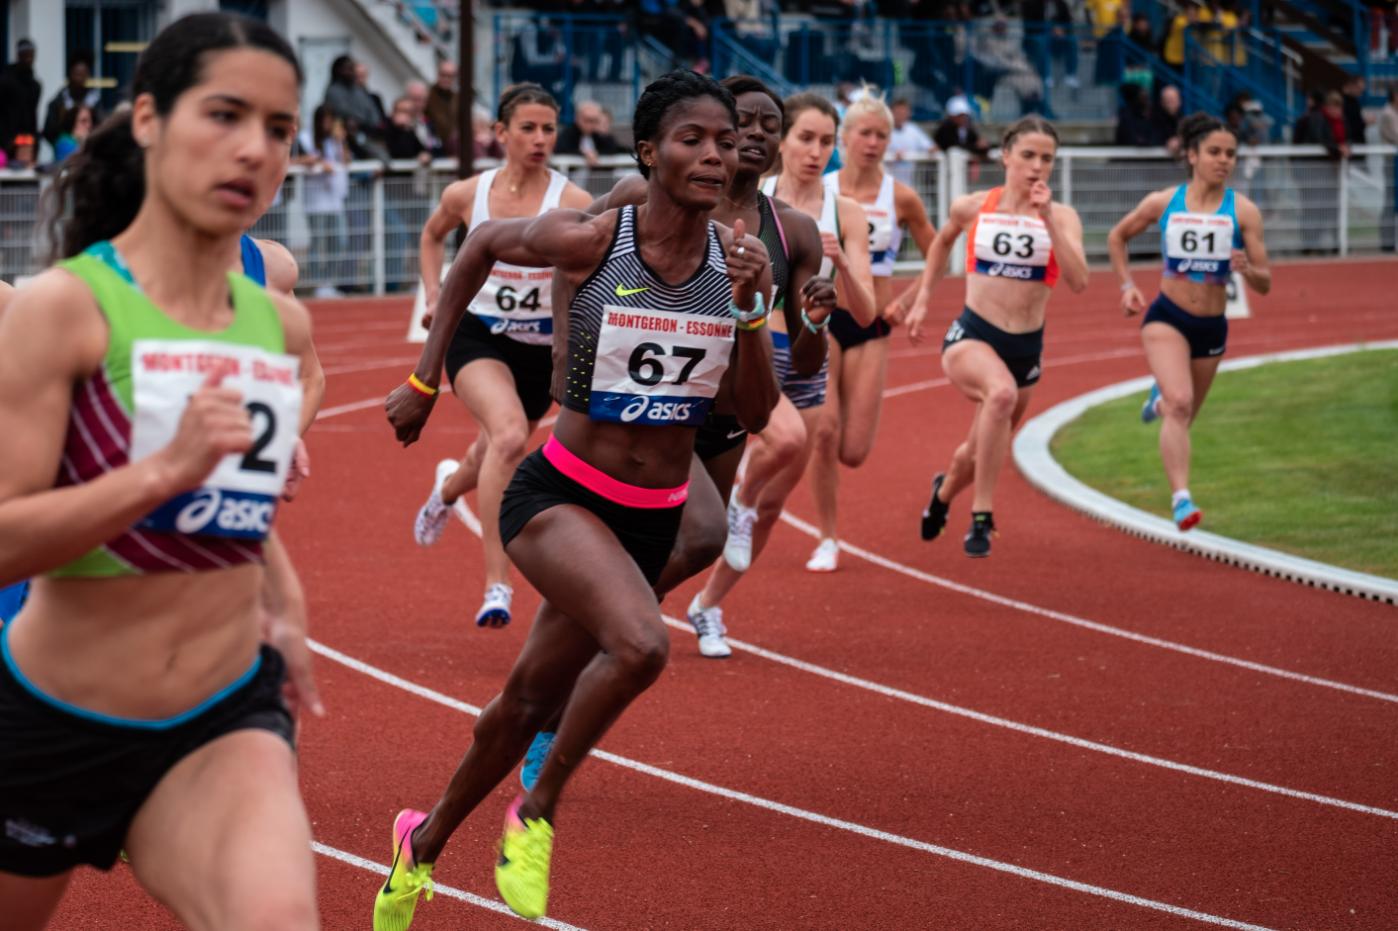 women in a sprint race